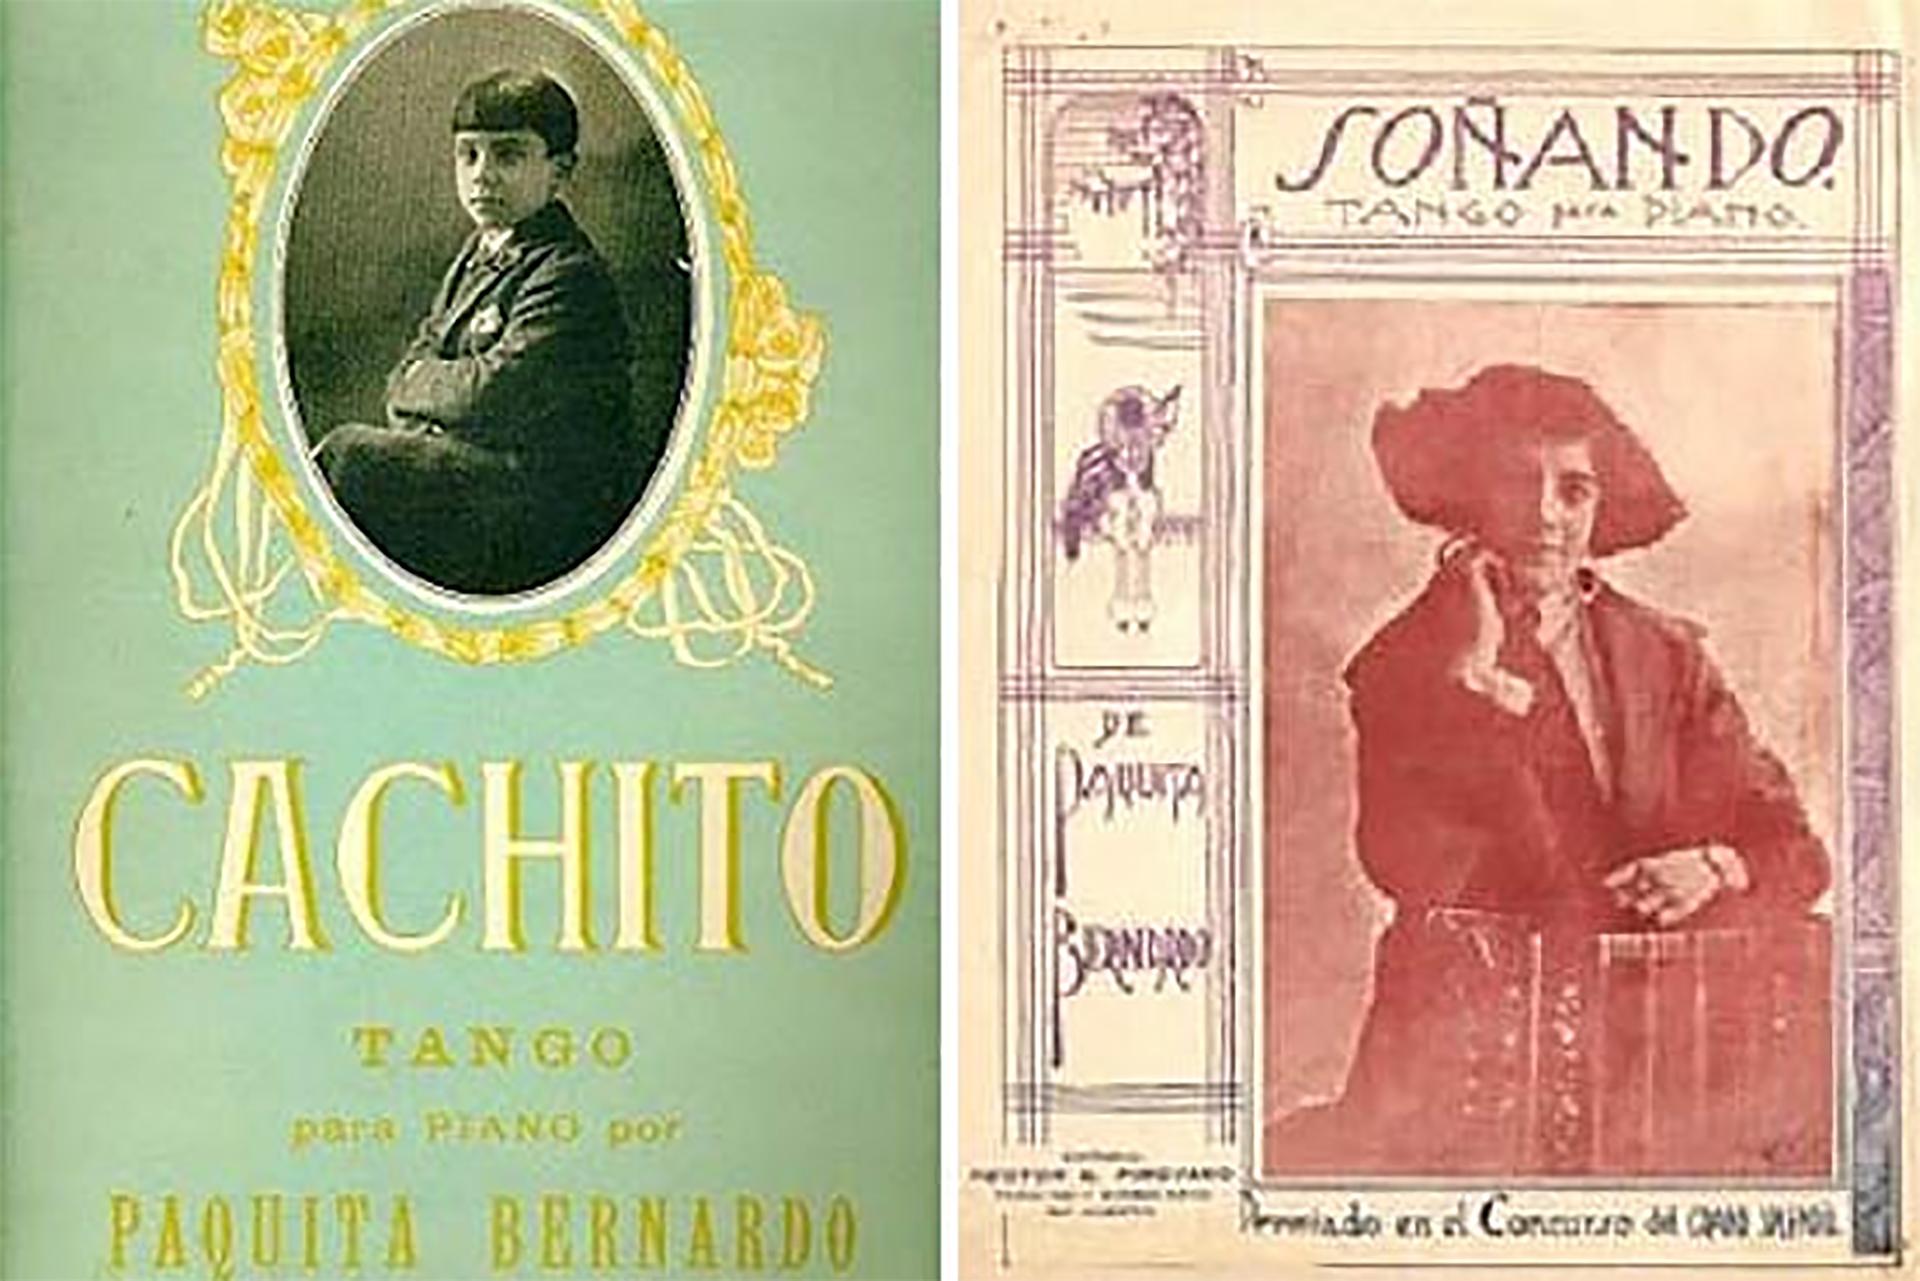 Partitura del tango compuesto por Paquita Bernardo que fue grabado por Carlos Gardel